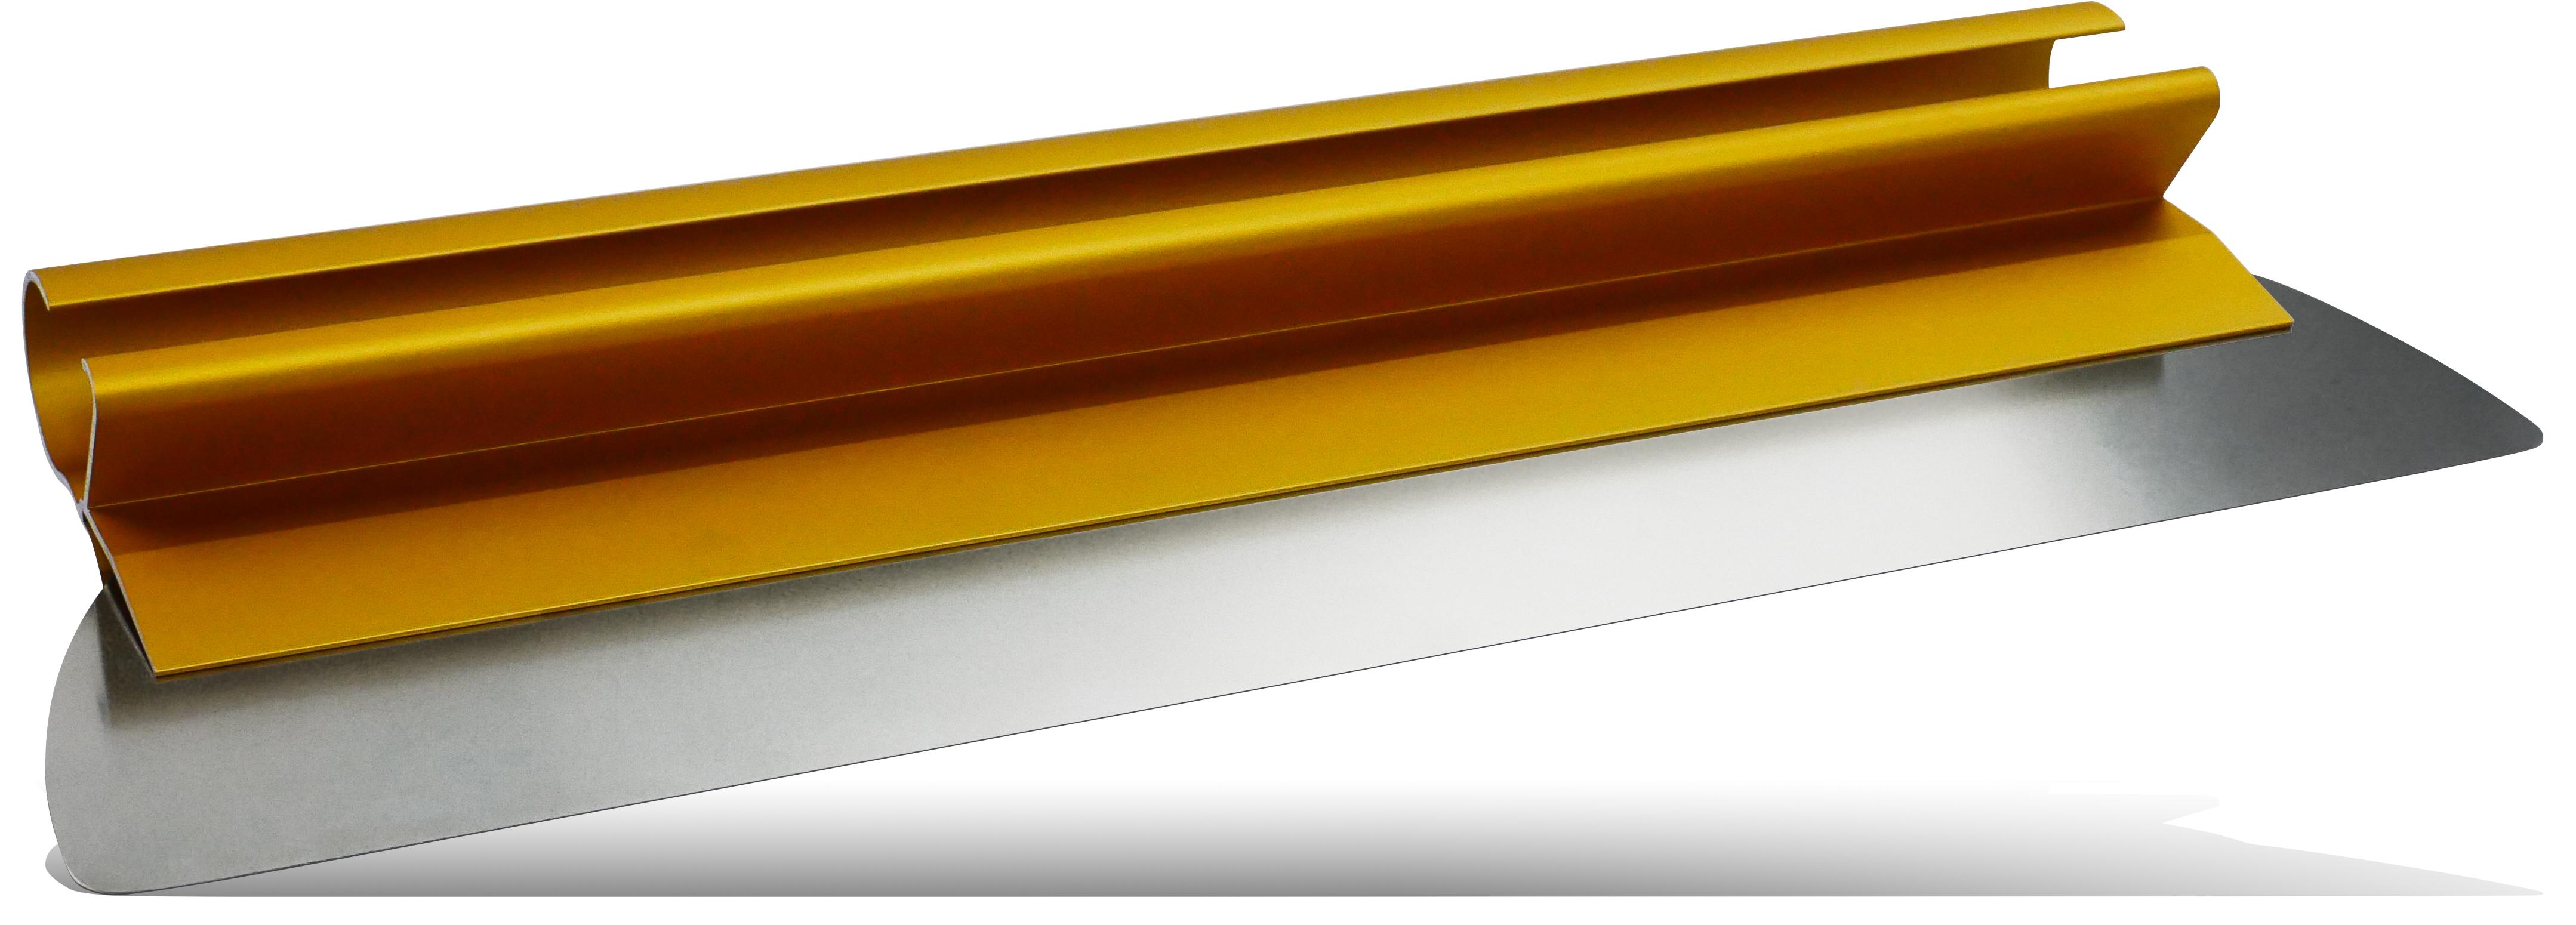 Špahtla za gletanje PAJAQUICK GOLD 30% lakša, 600x90x0,3, PAJARITO